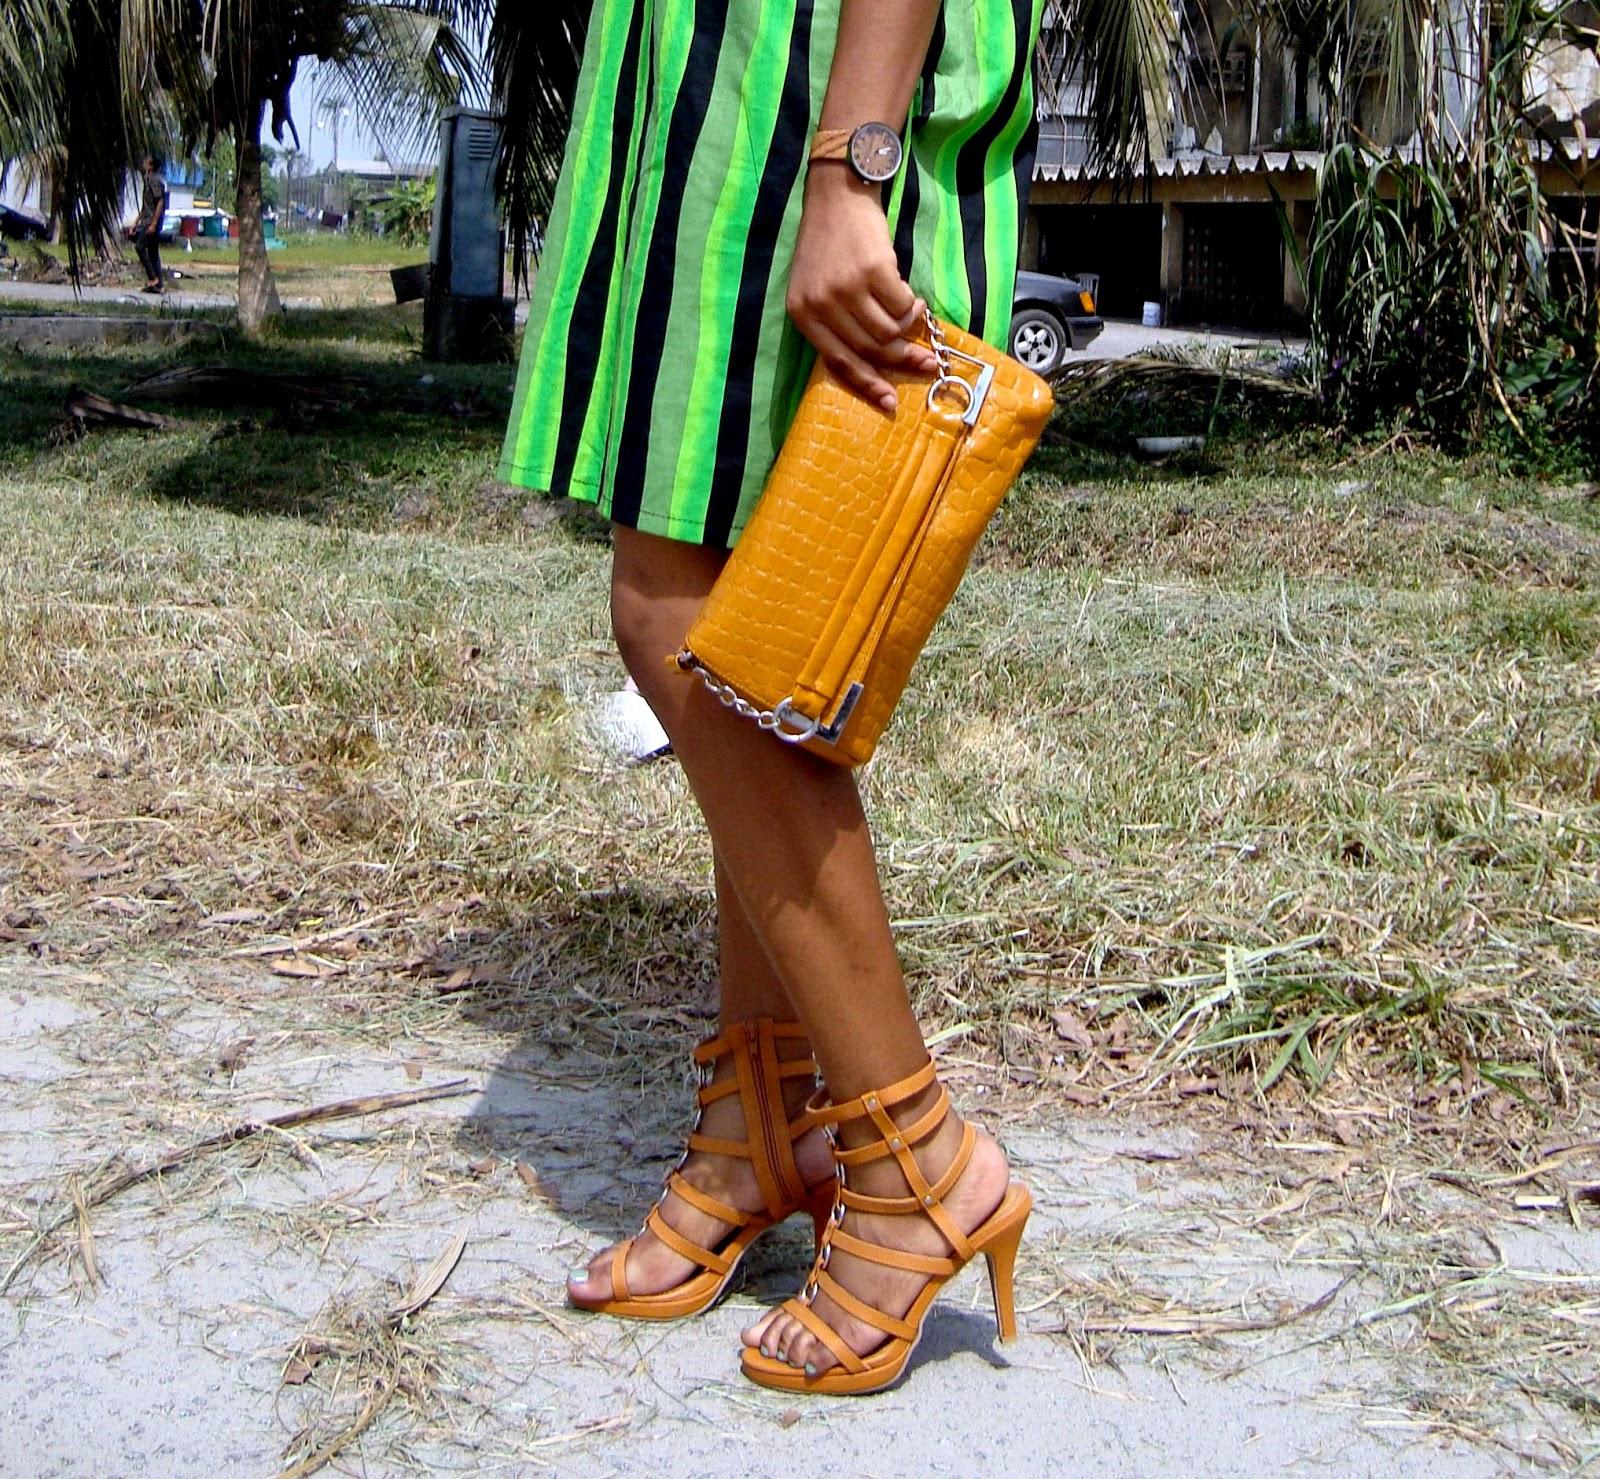 brown sandal/gladiator heels and brown bag, cedar